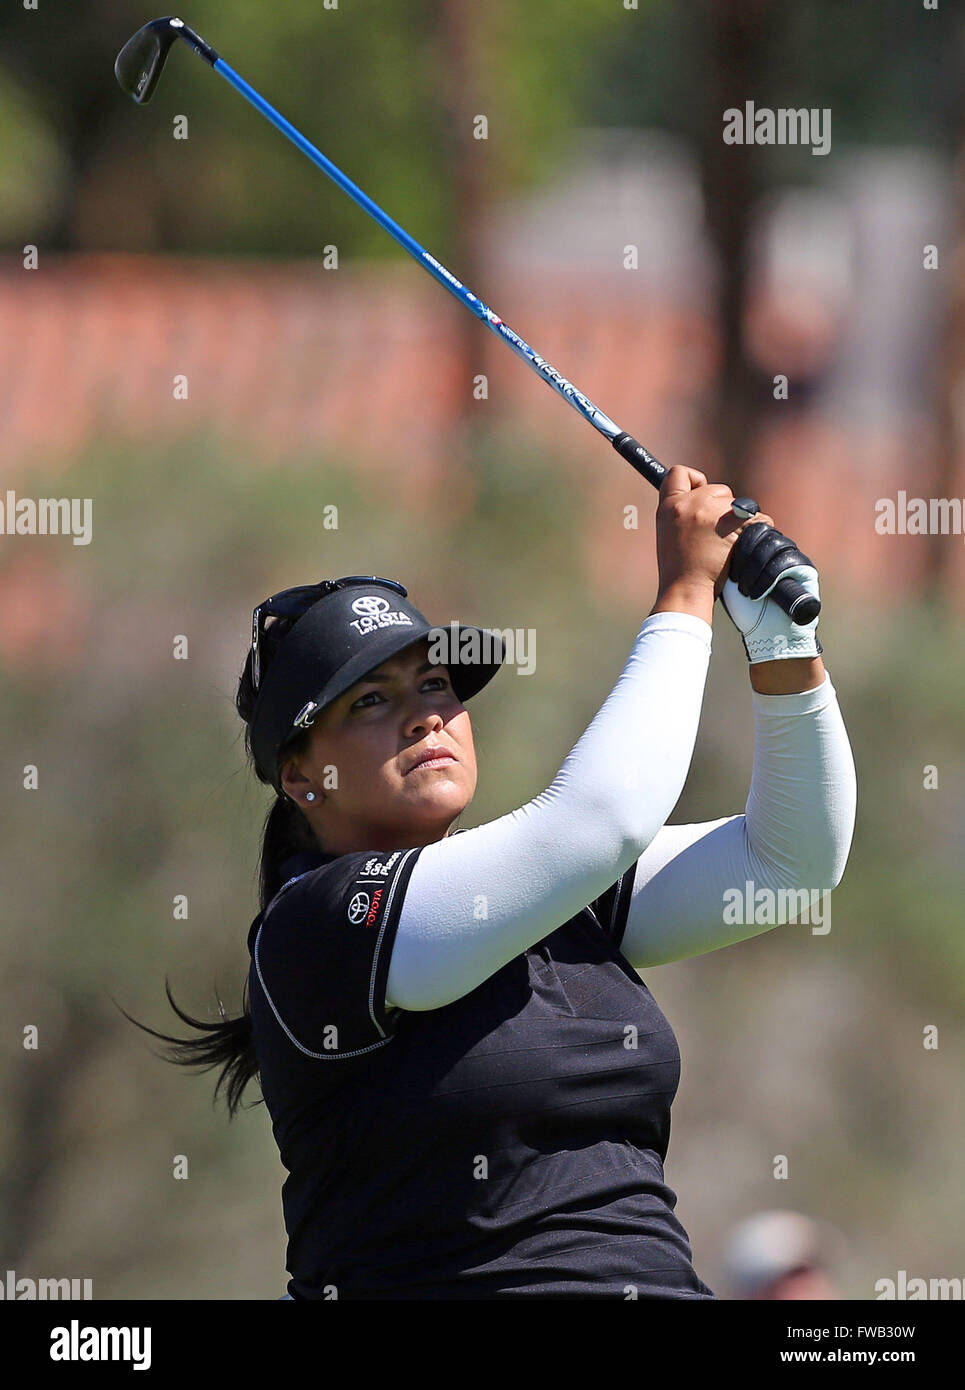 Rancho Mirage, Kalifornien, USA. 2. April 2016. Lizette Salas trifft ein Schuss in der dritten Runde der 2016 ANA Stockfoto